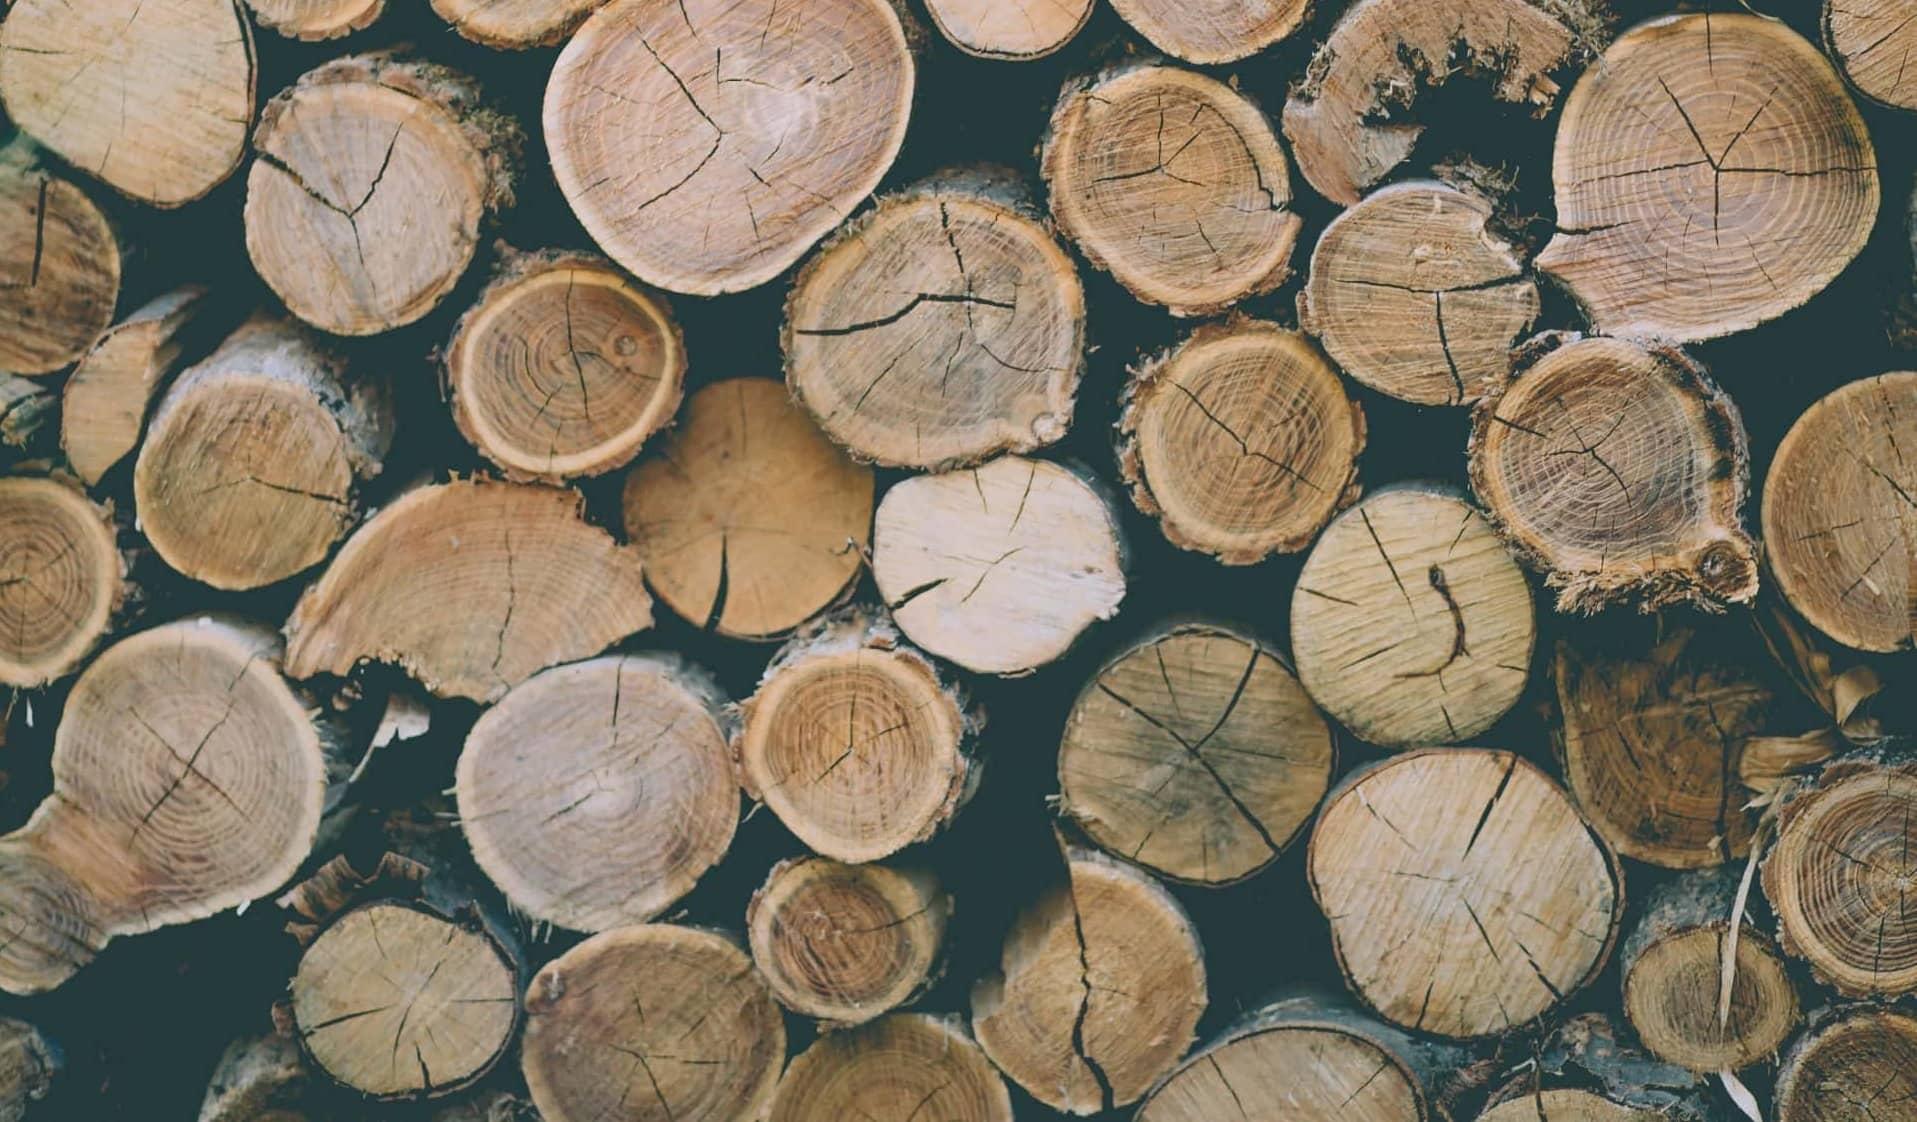 Foto Waarop Hardhouten Boomstammen Worden Afgebeeld